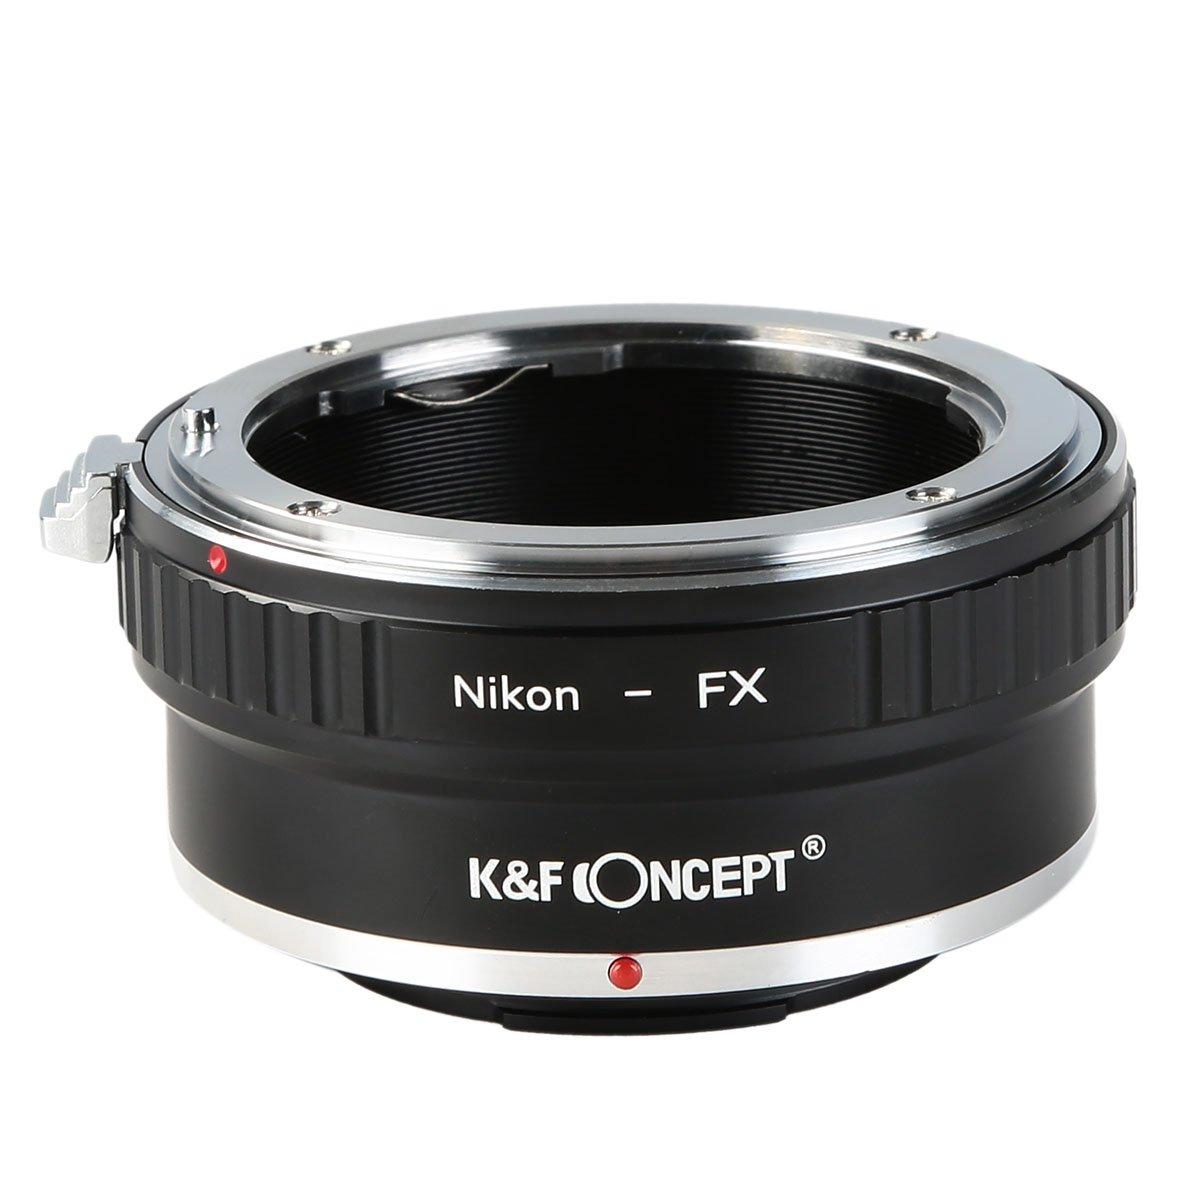 K/&F CONCEPT Bague adaptatrice Adaptateur objectif pour monter objectif Olympus OM /à Cam/éra Fujifilm X-Pro1 Mirrorless en M/étal